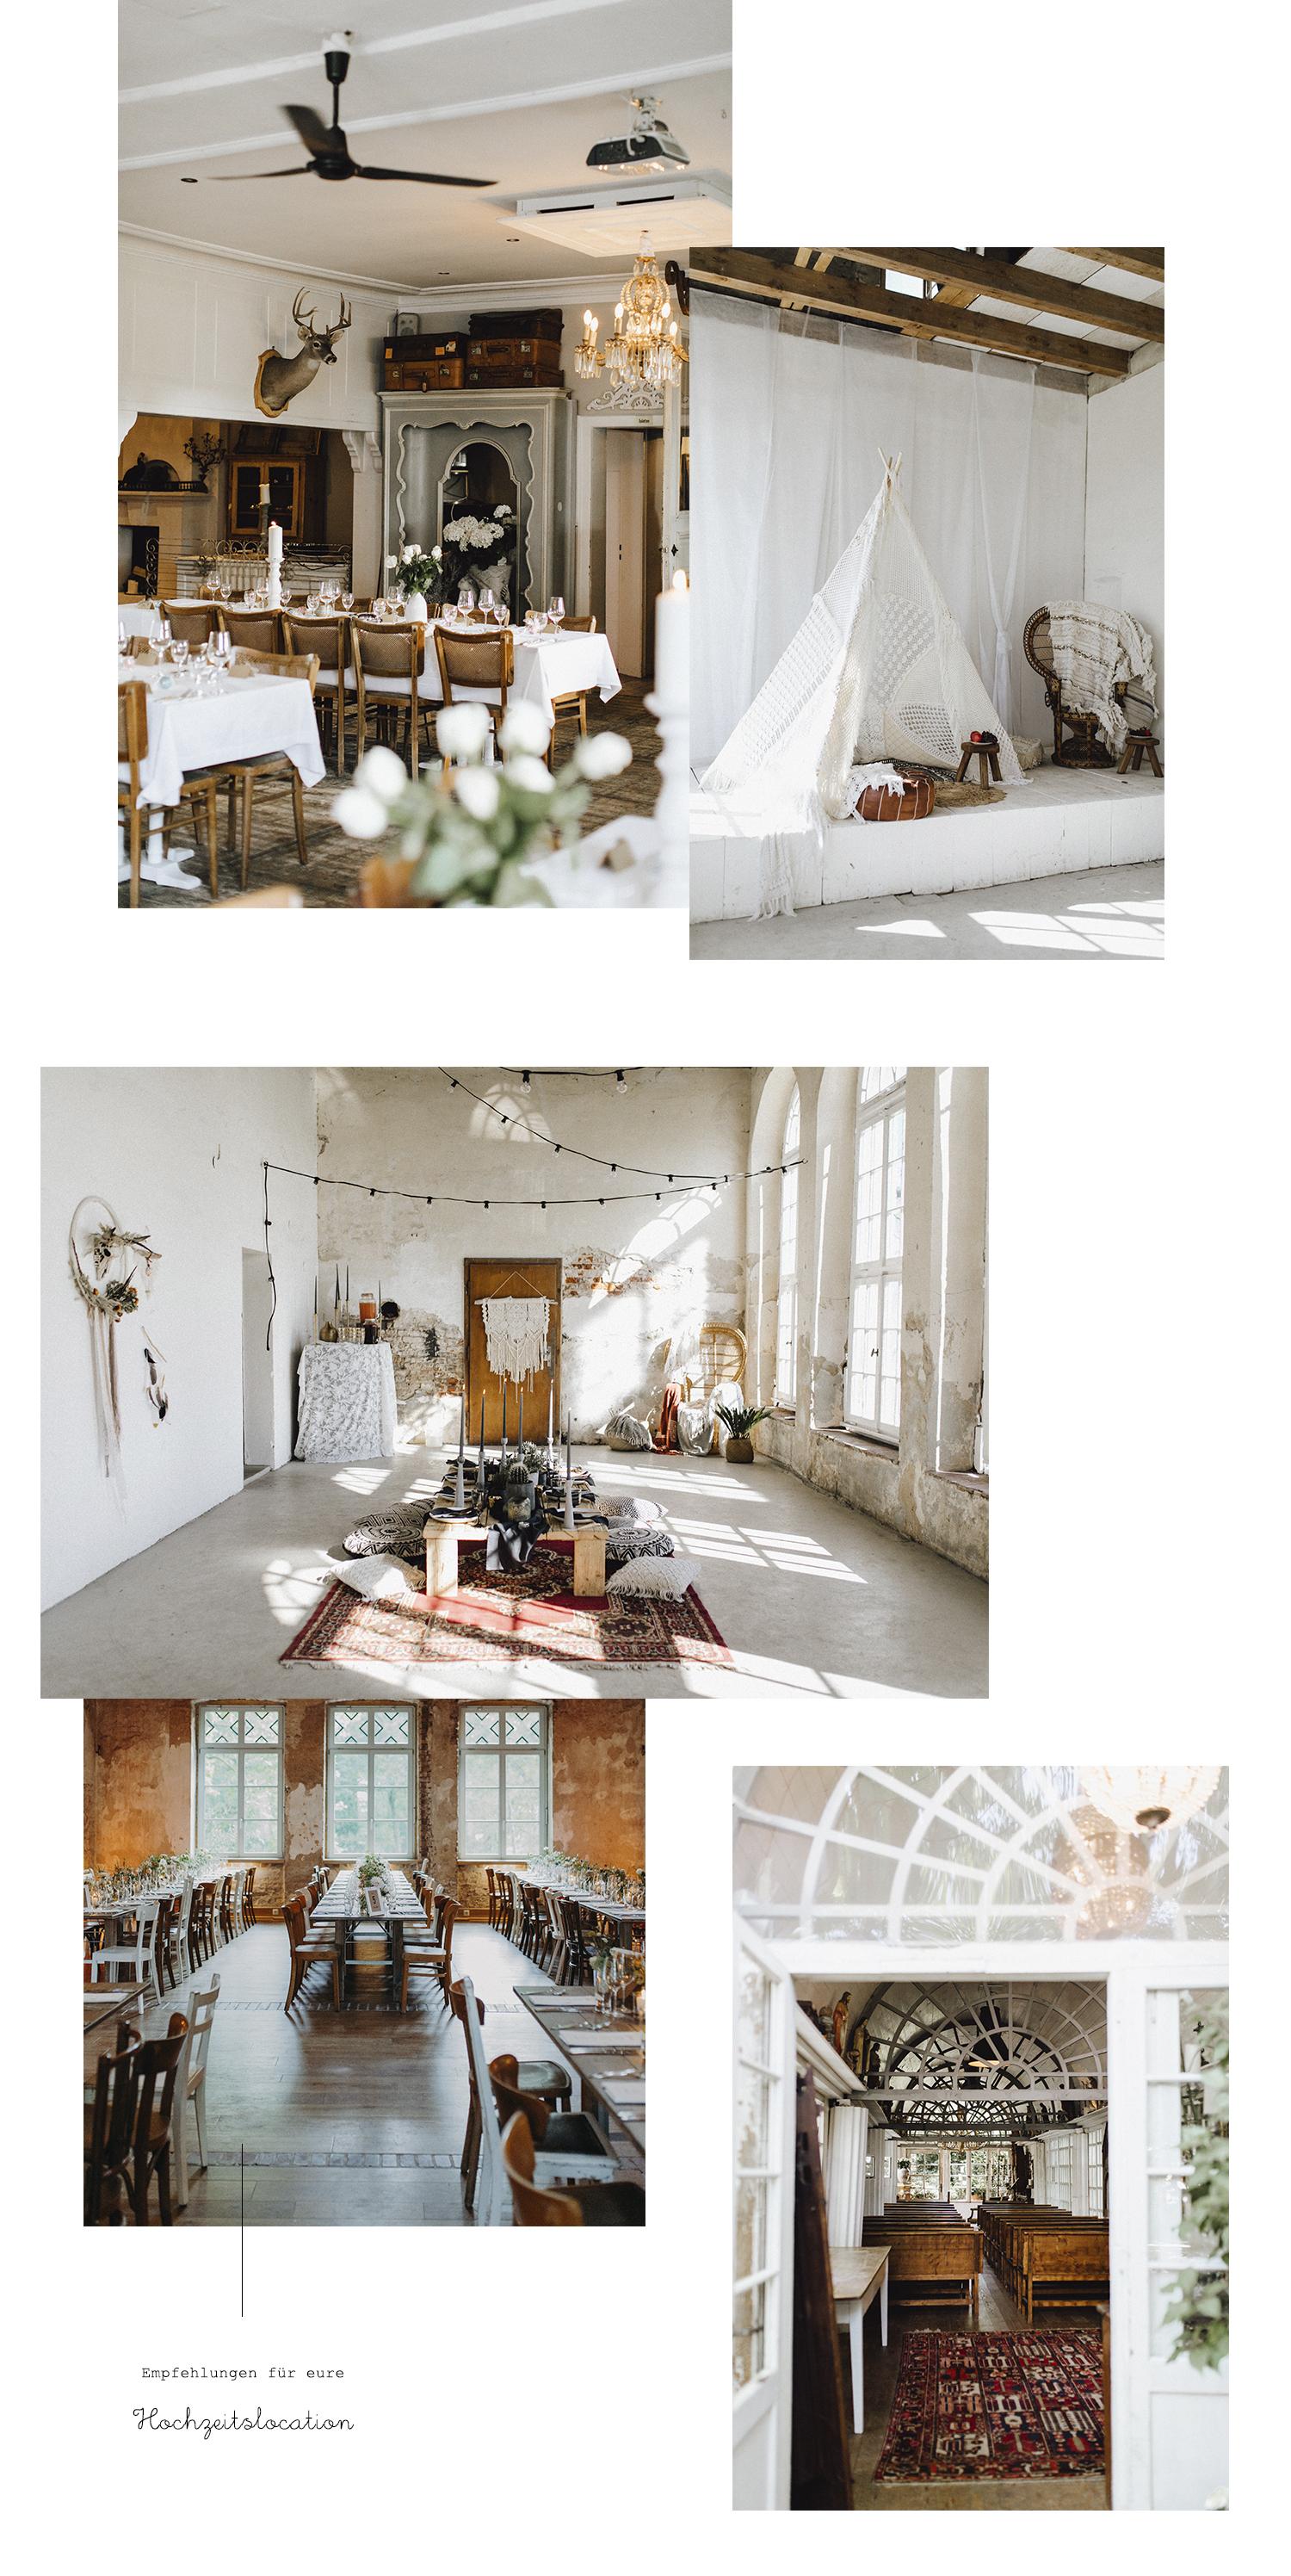 Hochzeitslocation_Empfehlungen_Traumanufaktur.jpg